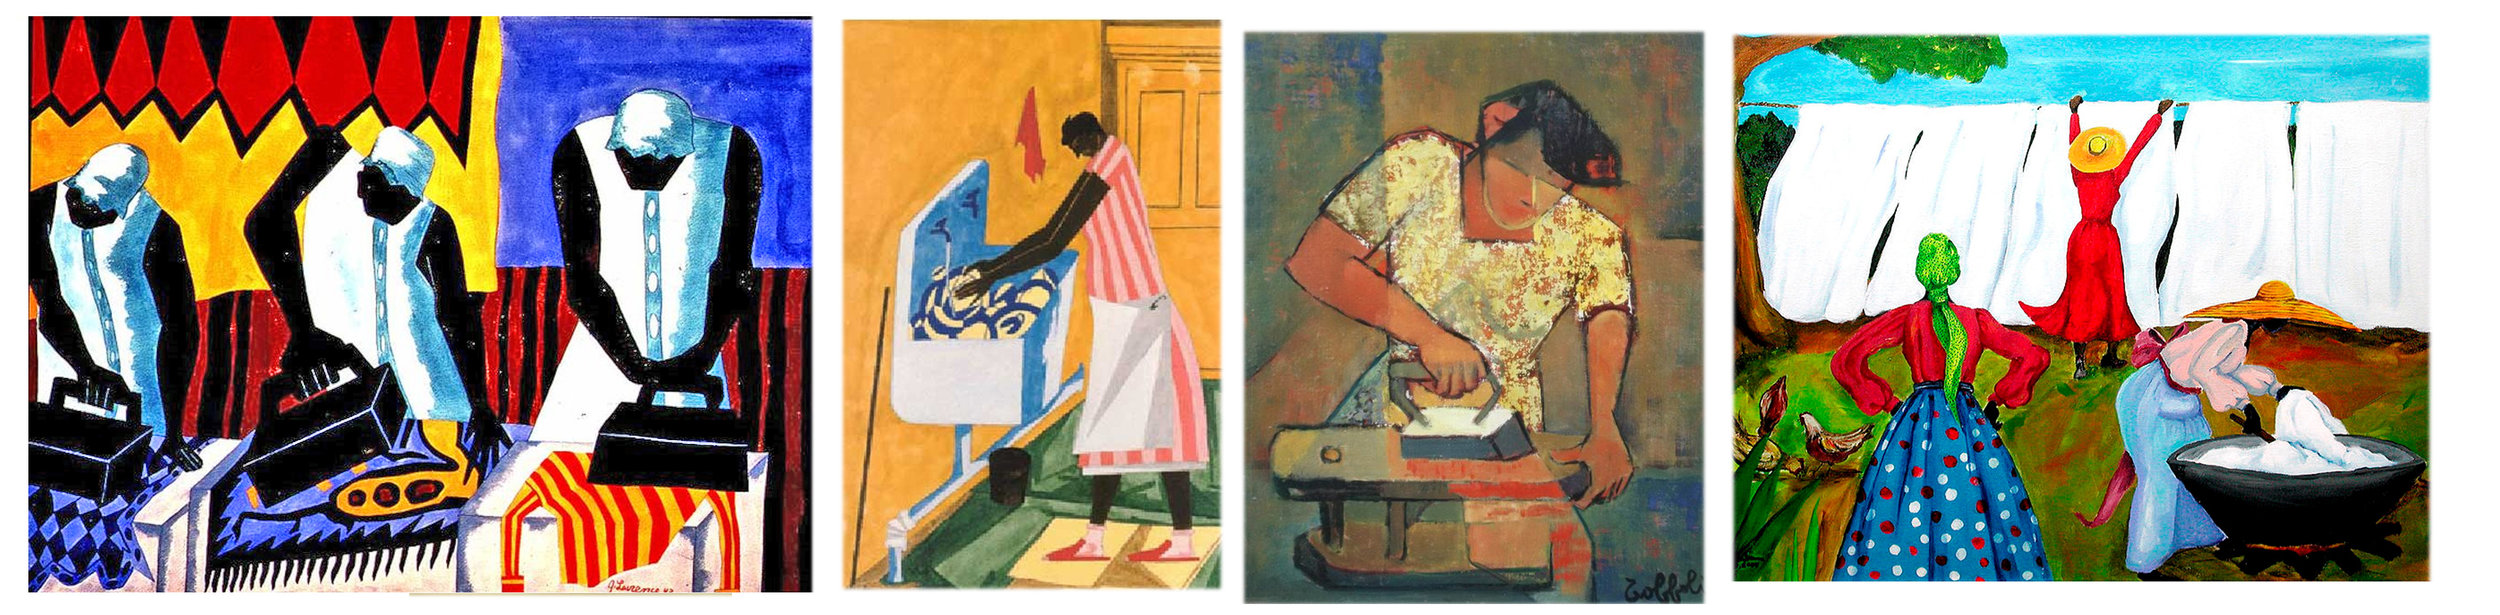 blog women laundry.jpg